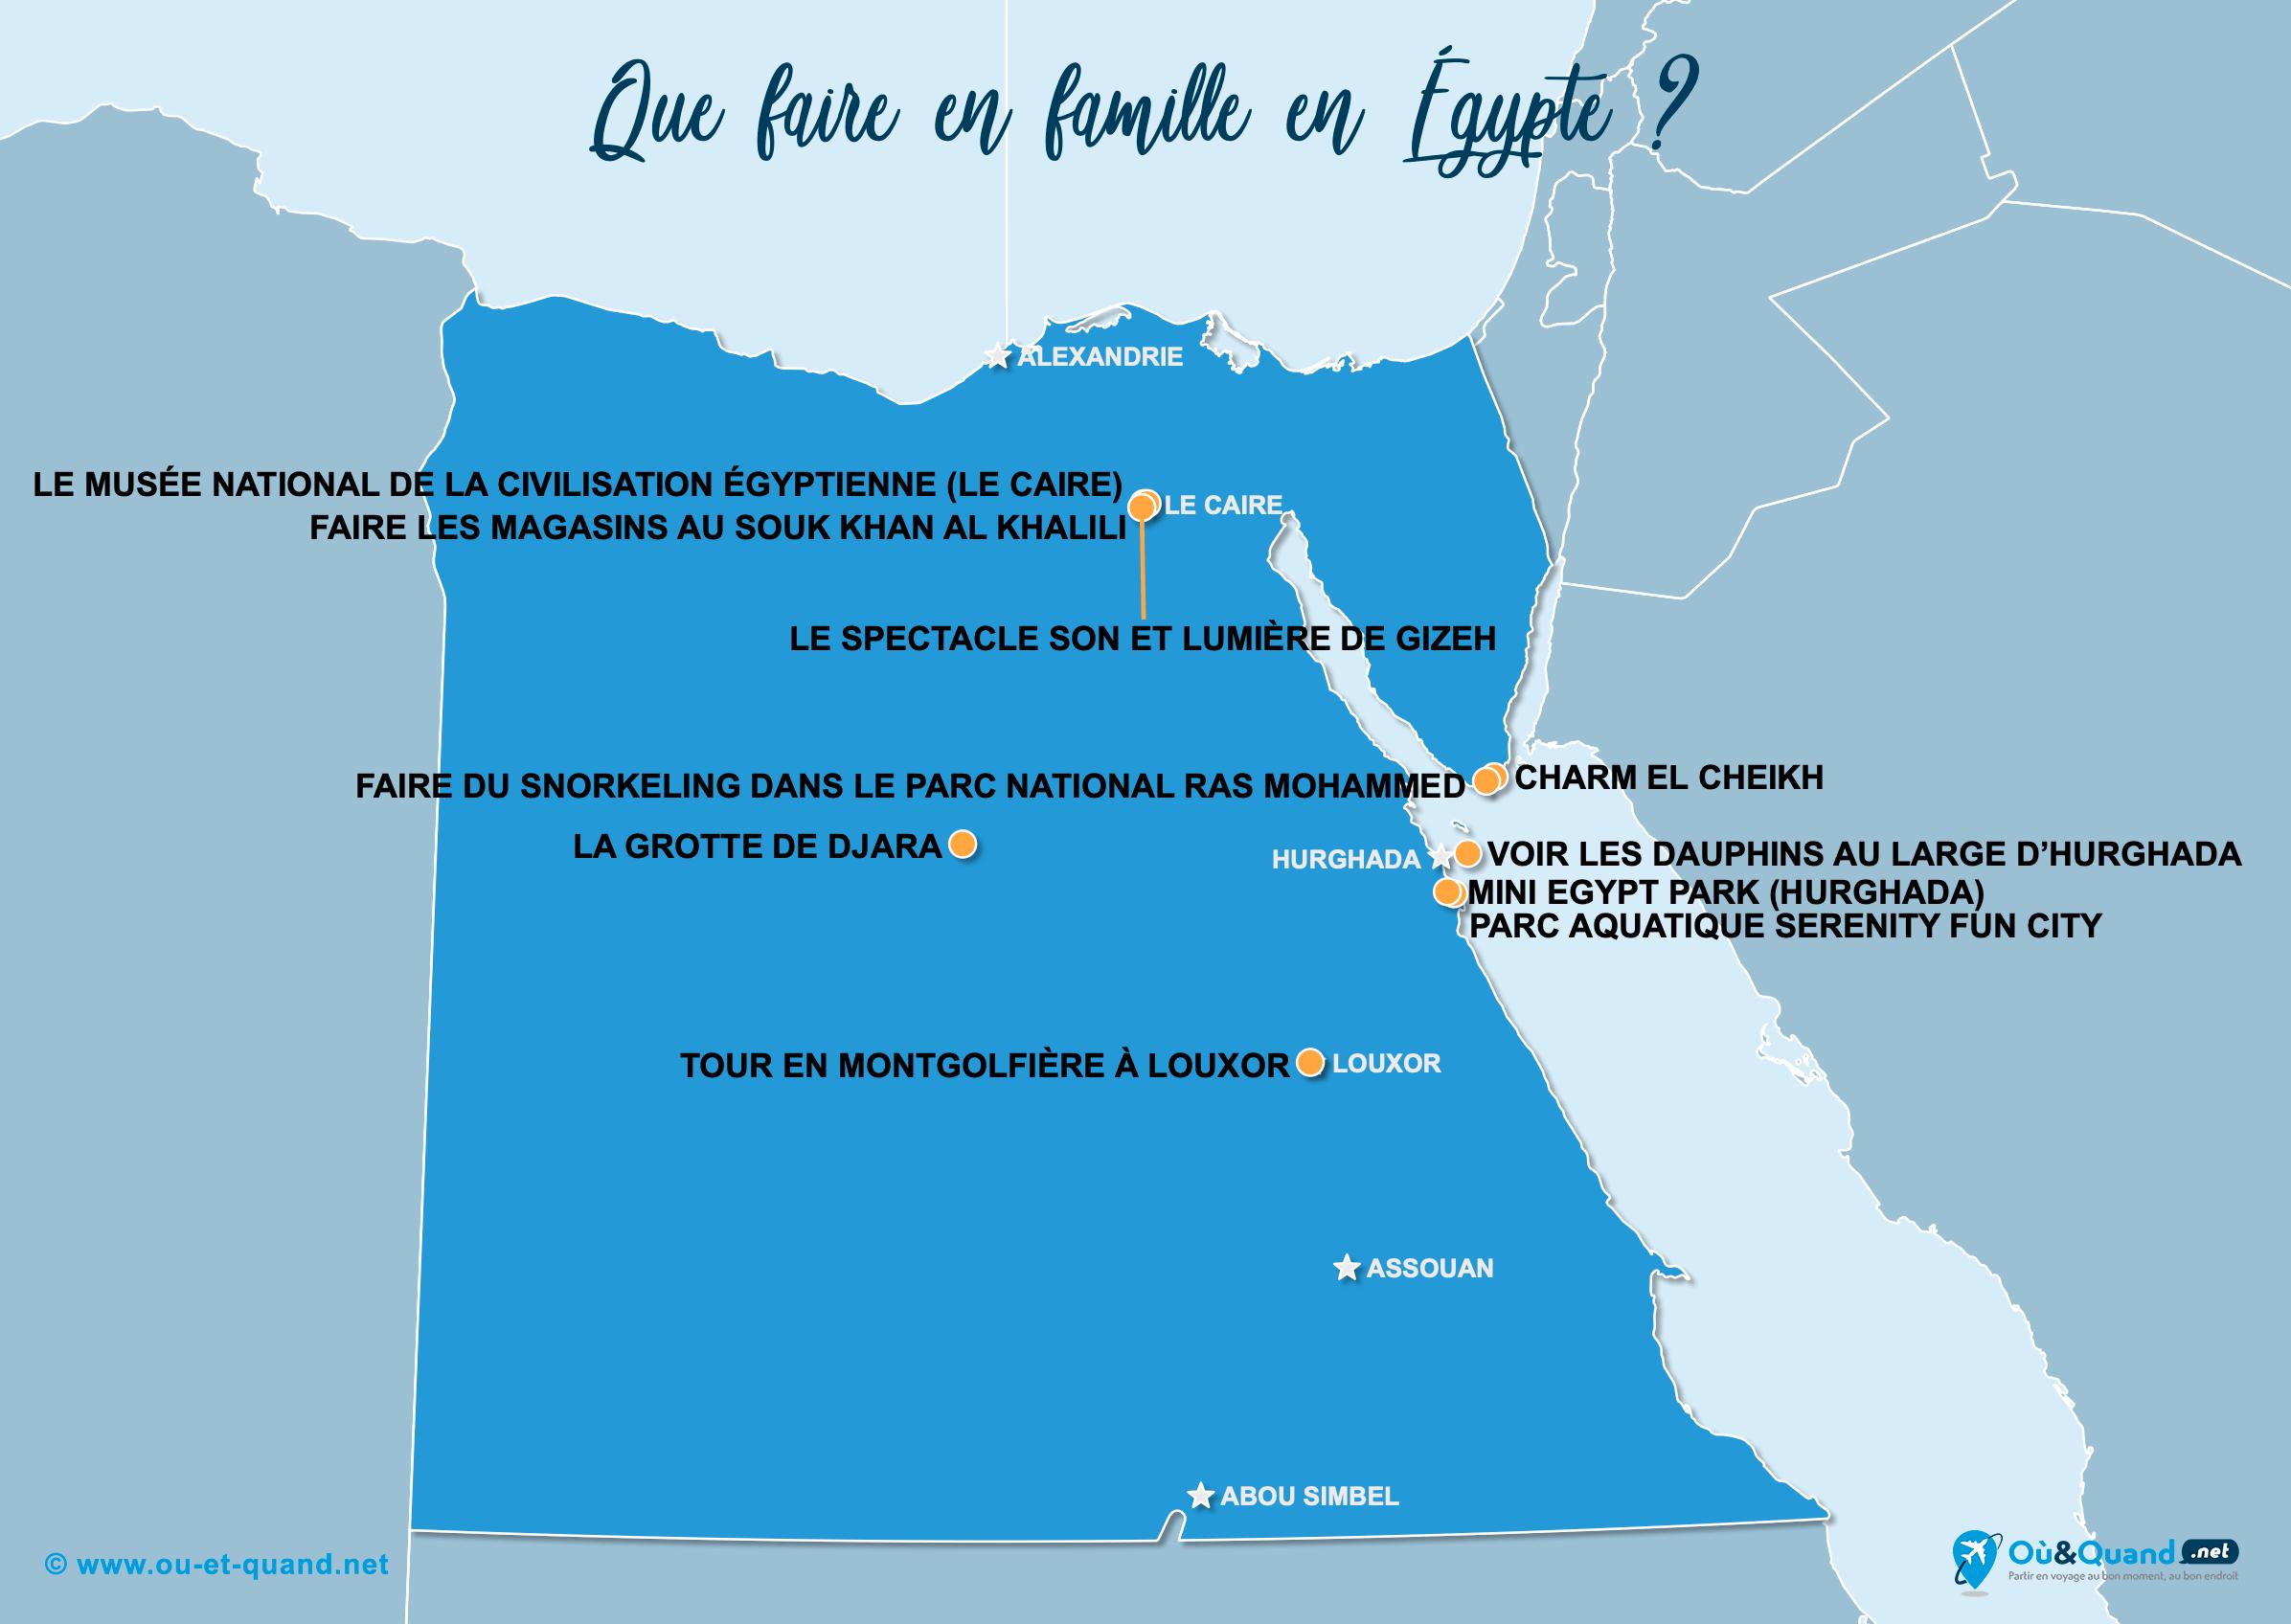 Carte Égypte : L'Égypte en famille